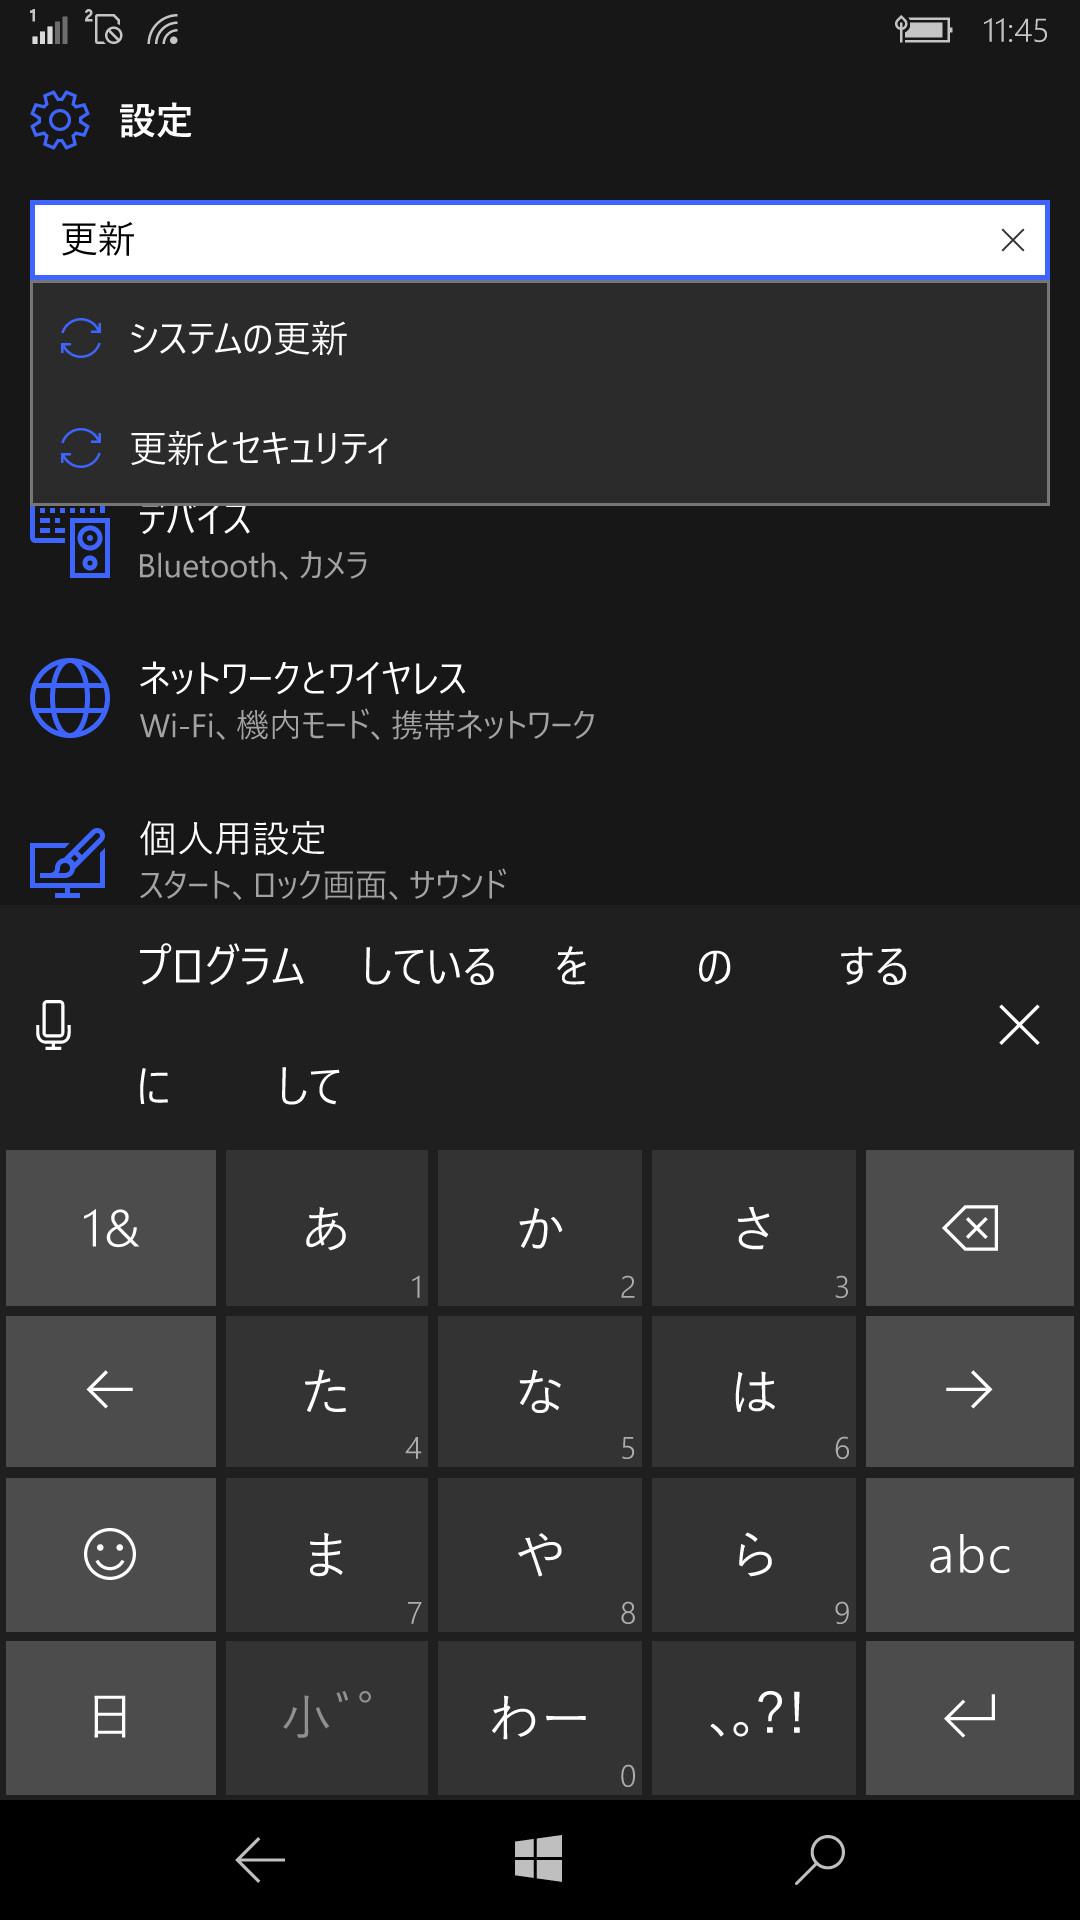 """「設定」アプリを起動し、テキストボックスに""""更新""""と入力すると示される検索結果から[システムの更新]項目をタップする"""